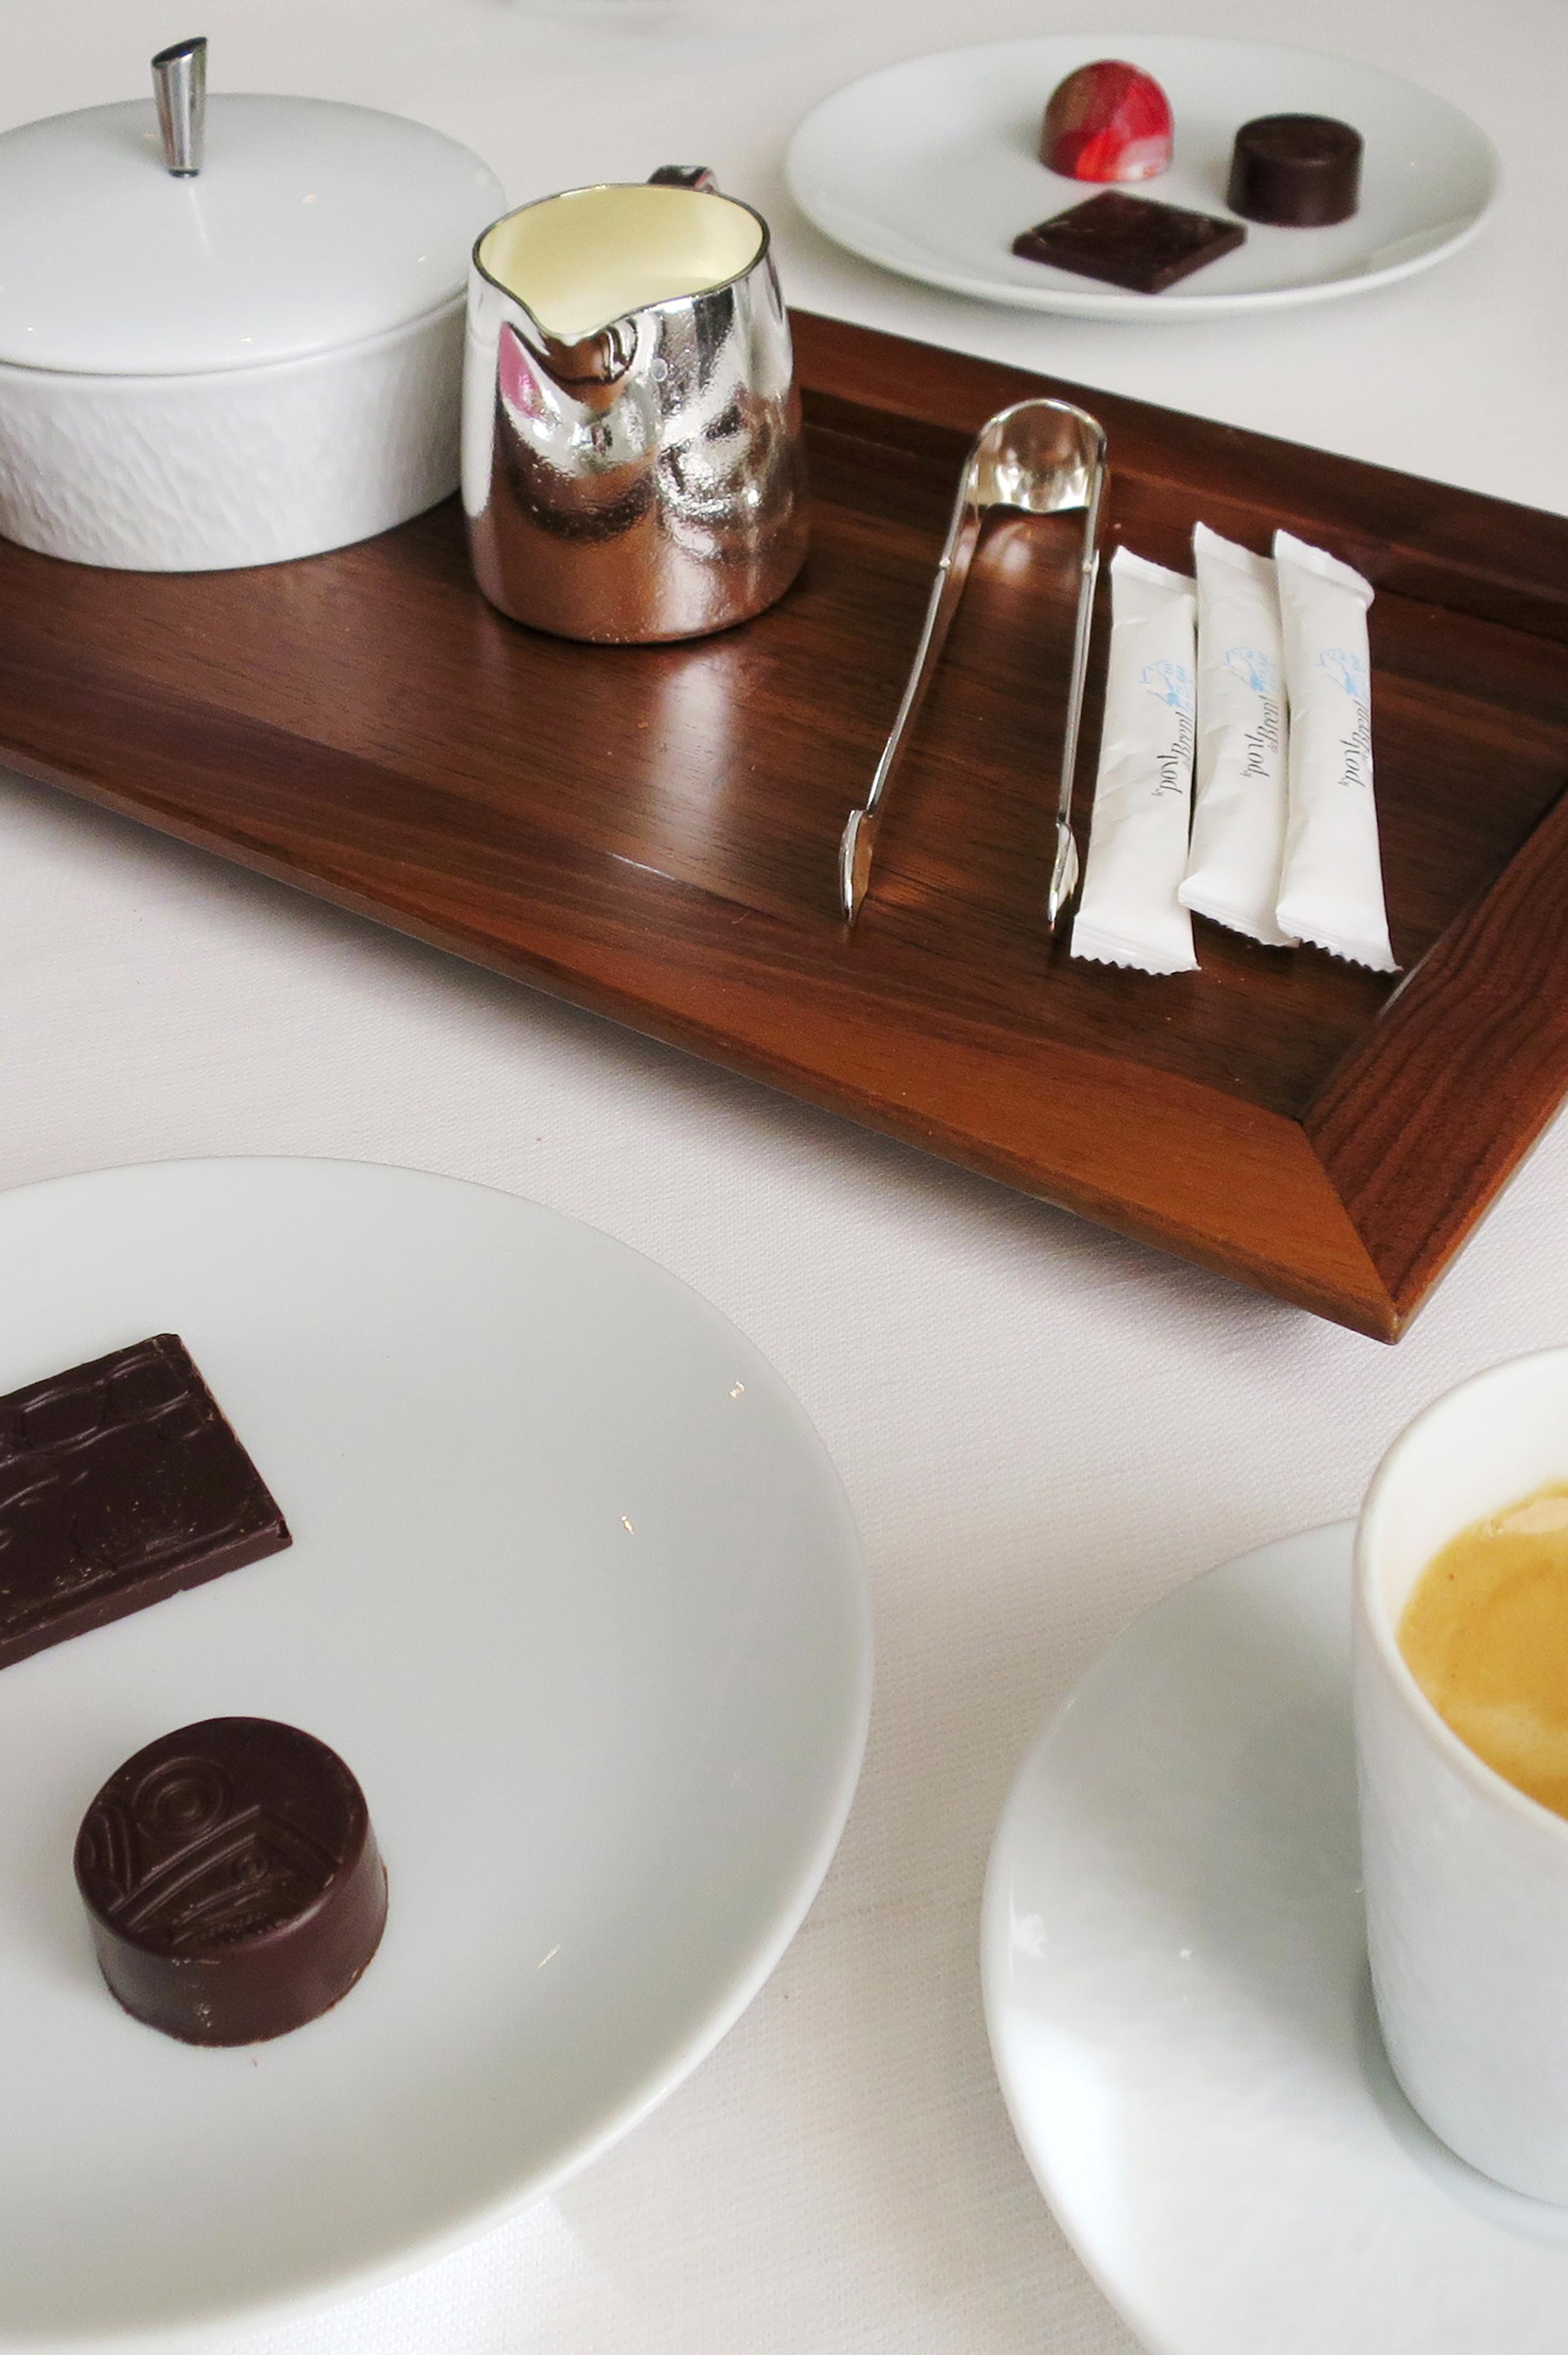 Café et chocolat maison - delimoon.com - le Pont de Brent